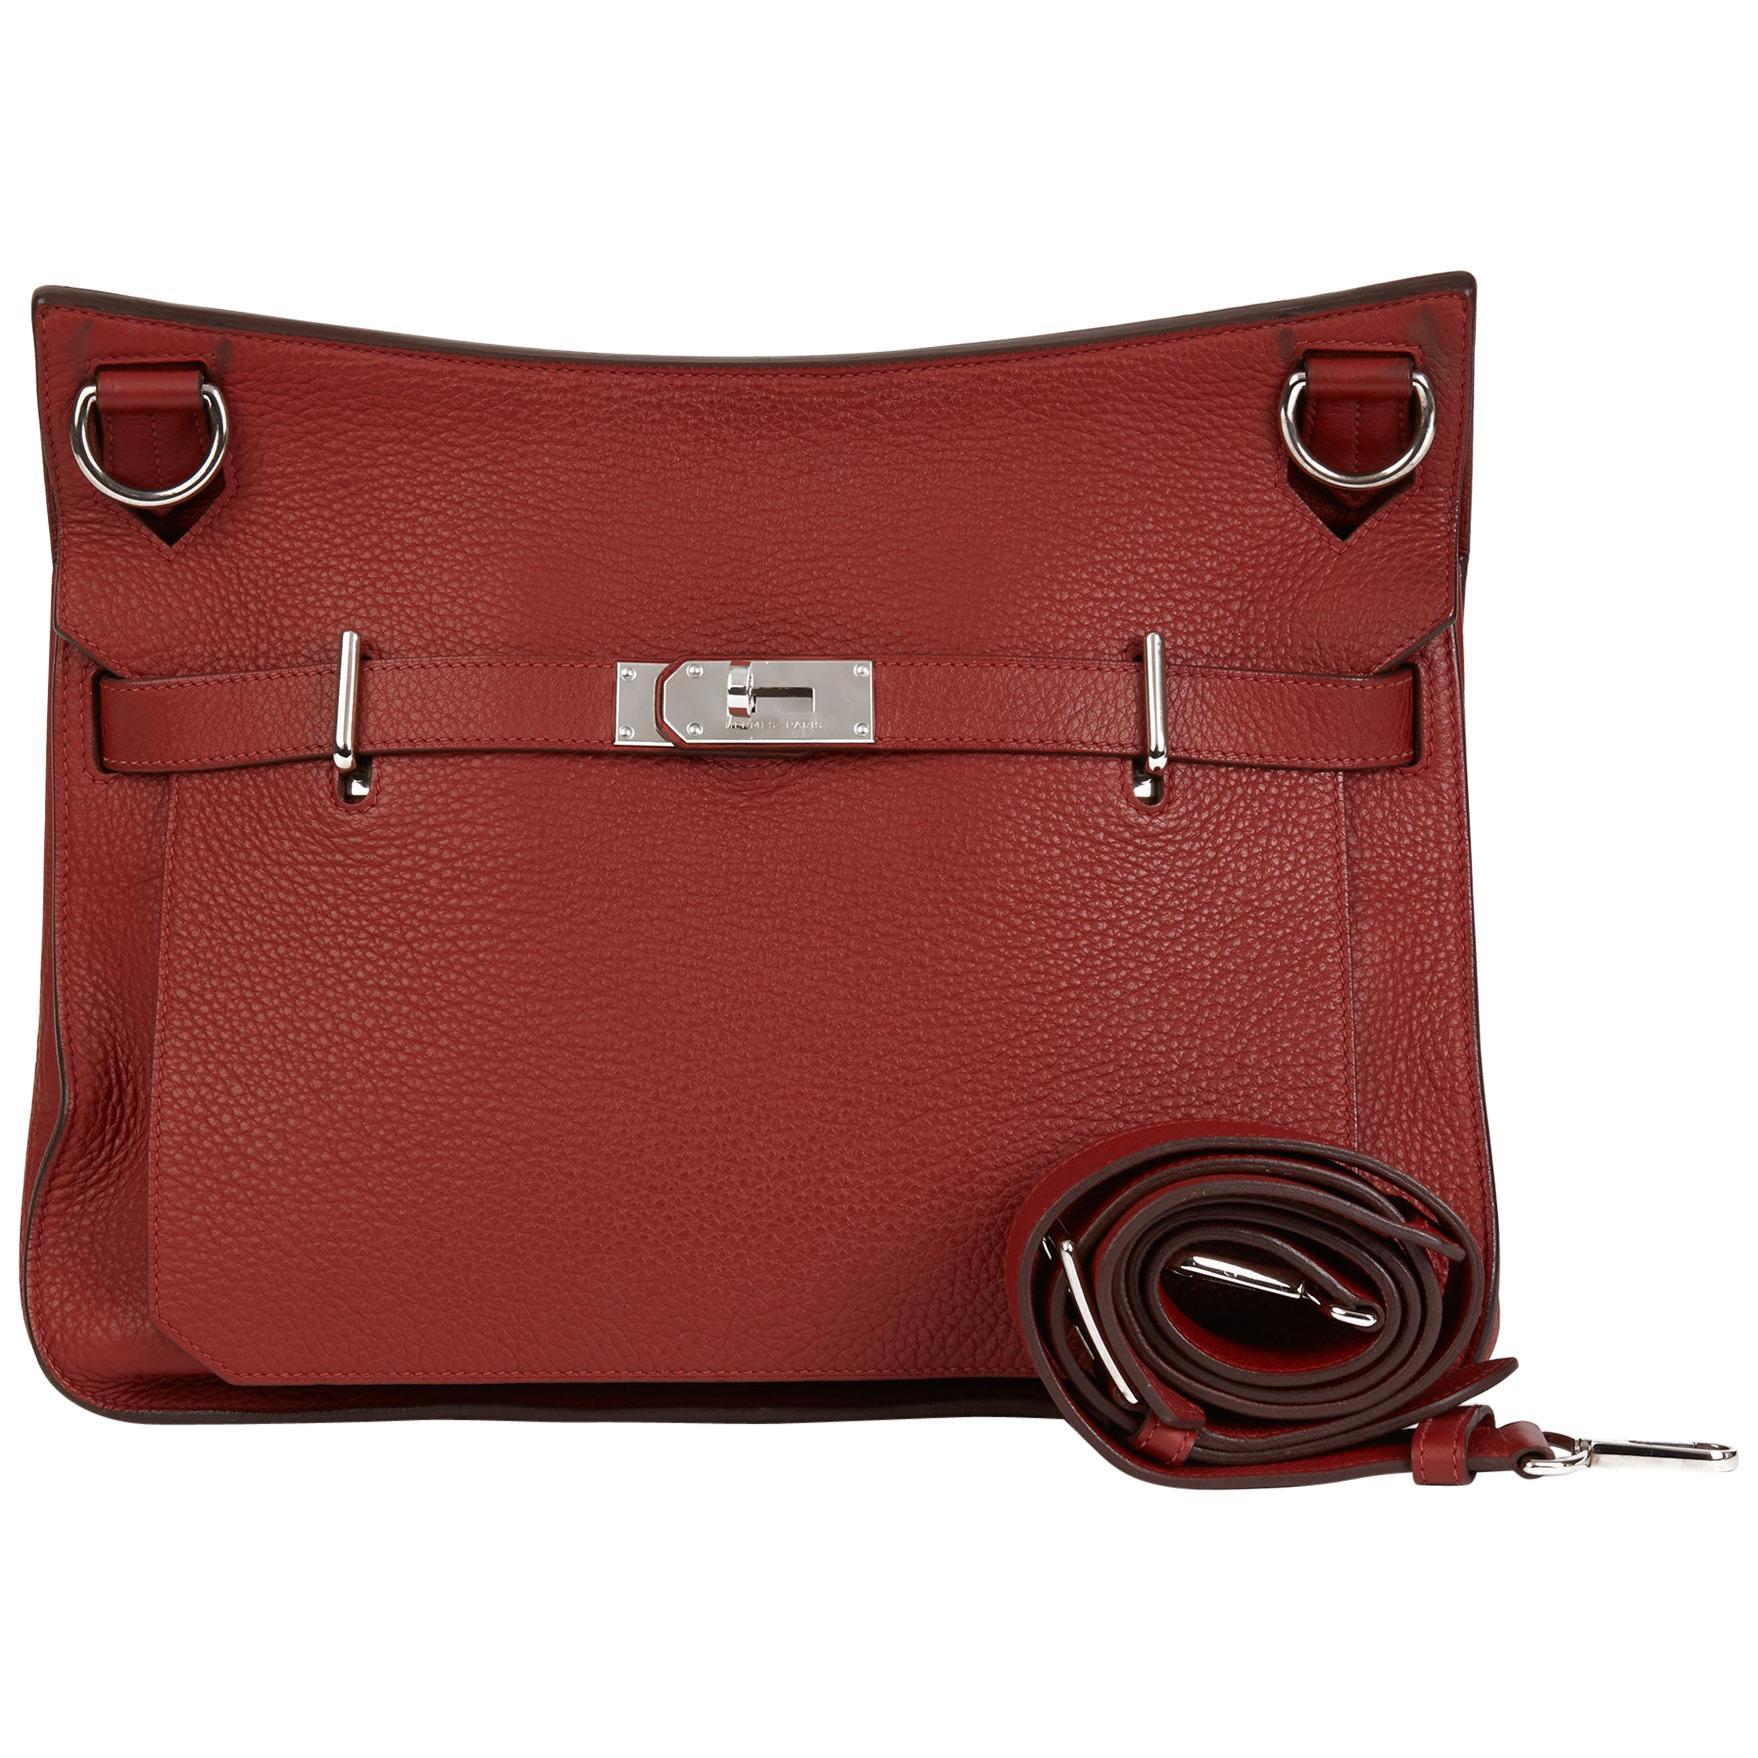 2009 Hermès Rouge H Togo Leather Jypsiere 37